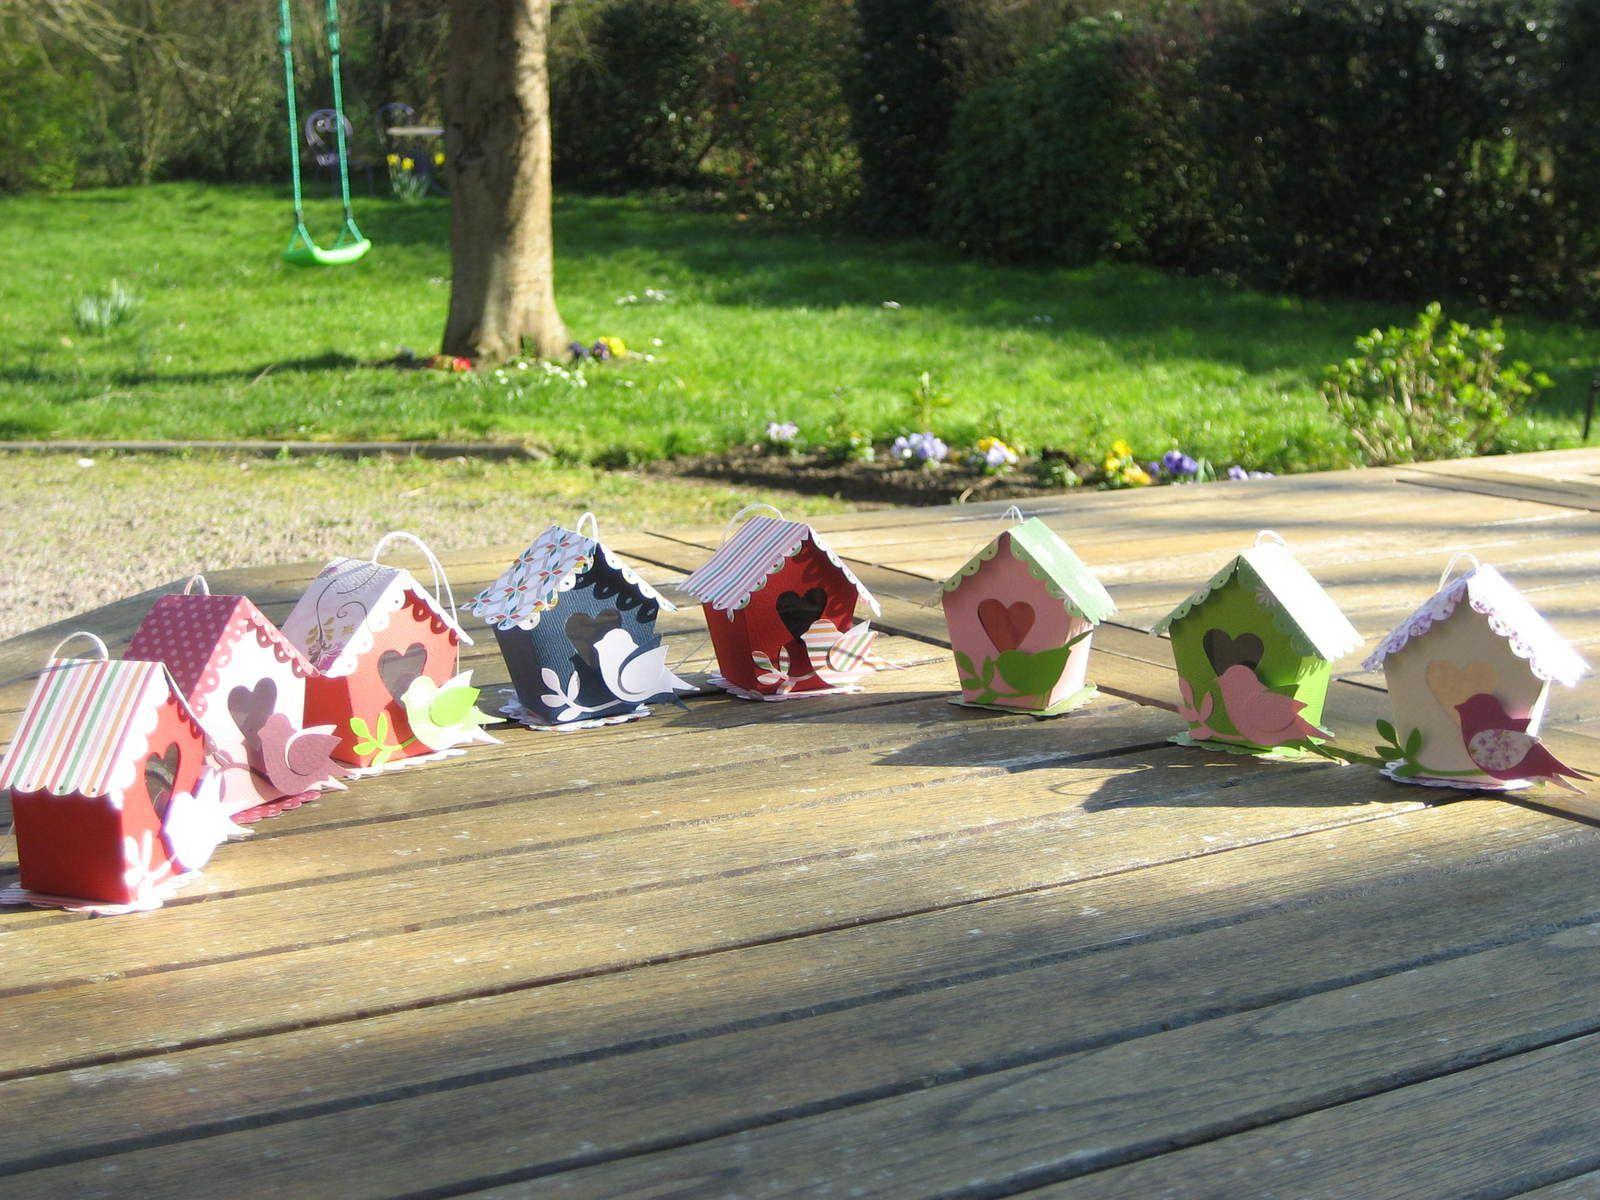 Petits nichoirs en scrap, toit ouvrant, pour Pâques